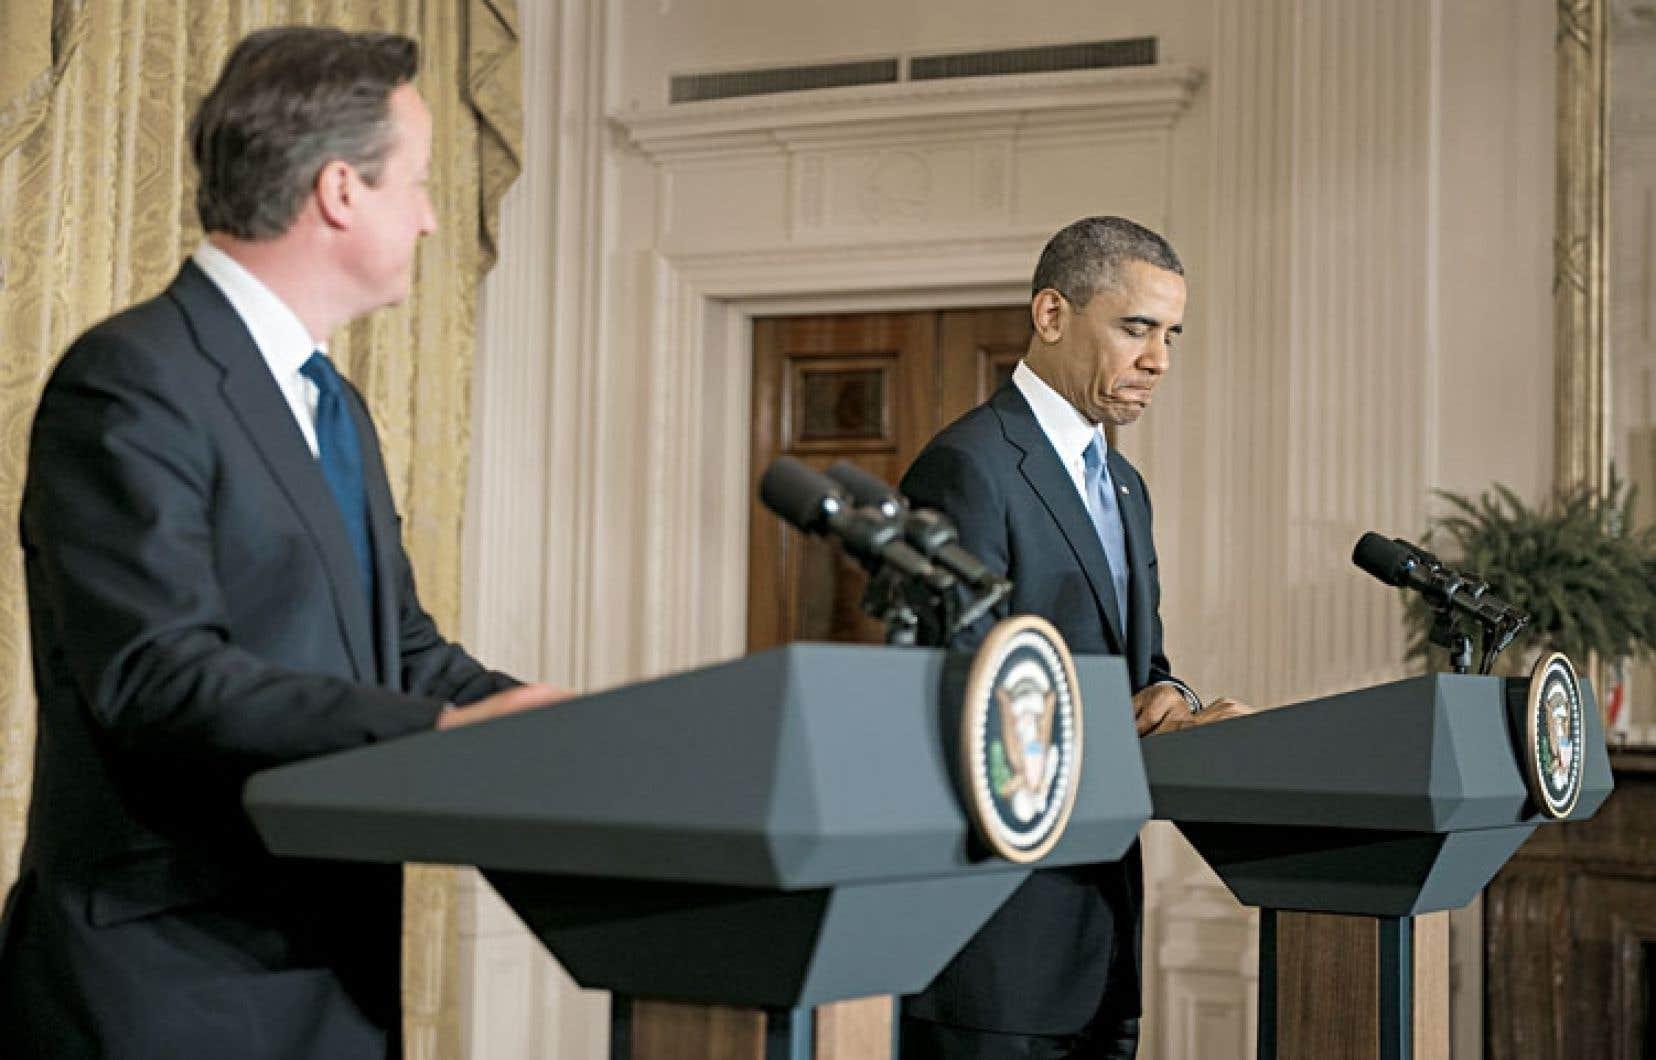 <div> Le premier ministre britannique, David Cameron, et le président américain, Barack Obama, au cours d'une conférence de presse commune à la Maison-Blanche.</div>